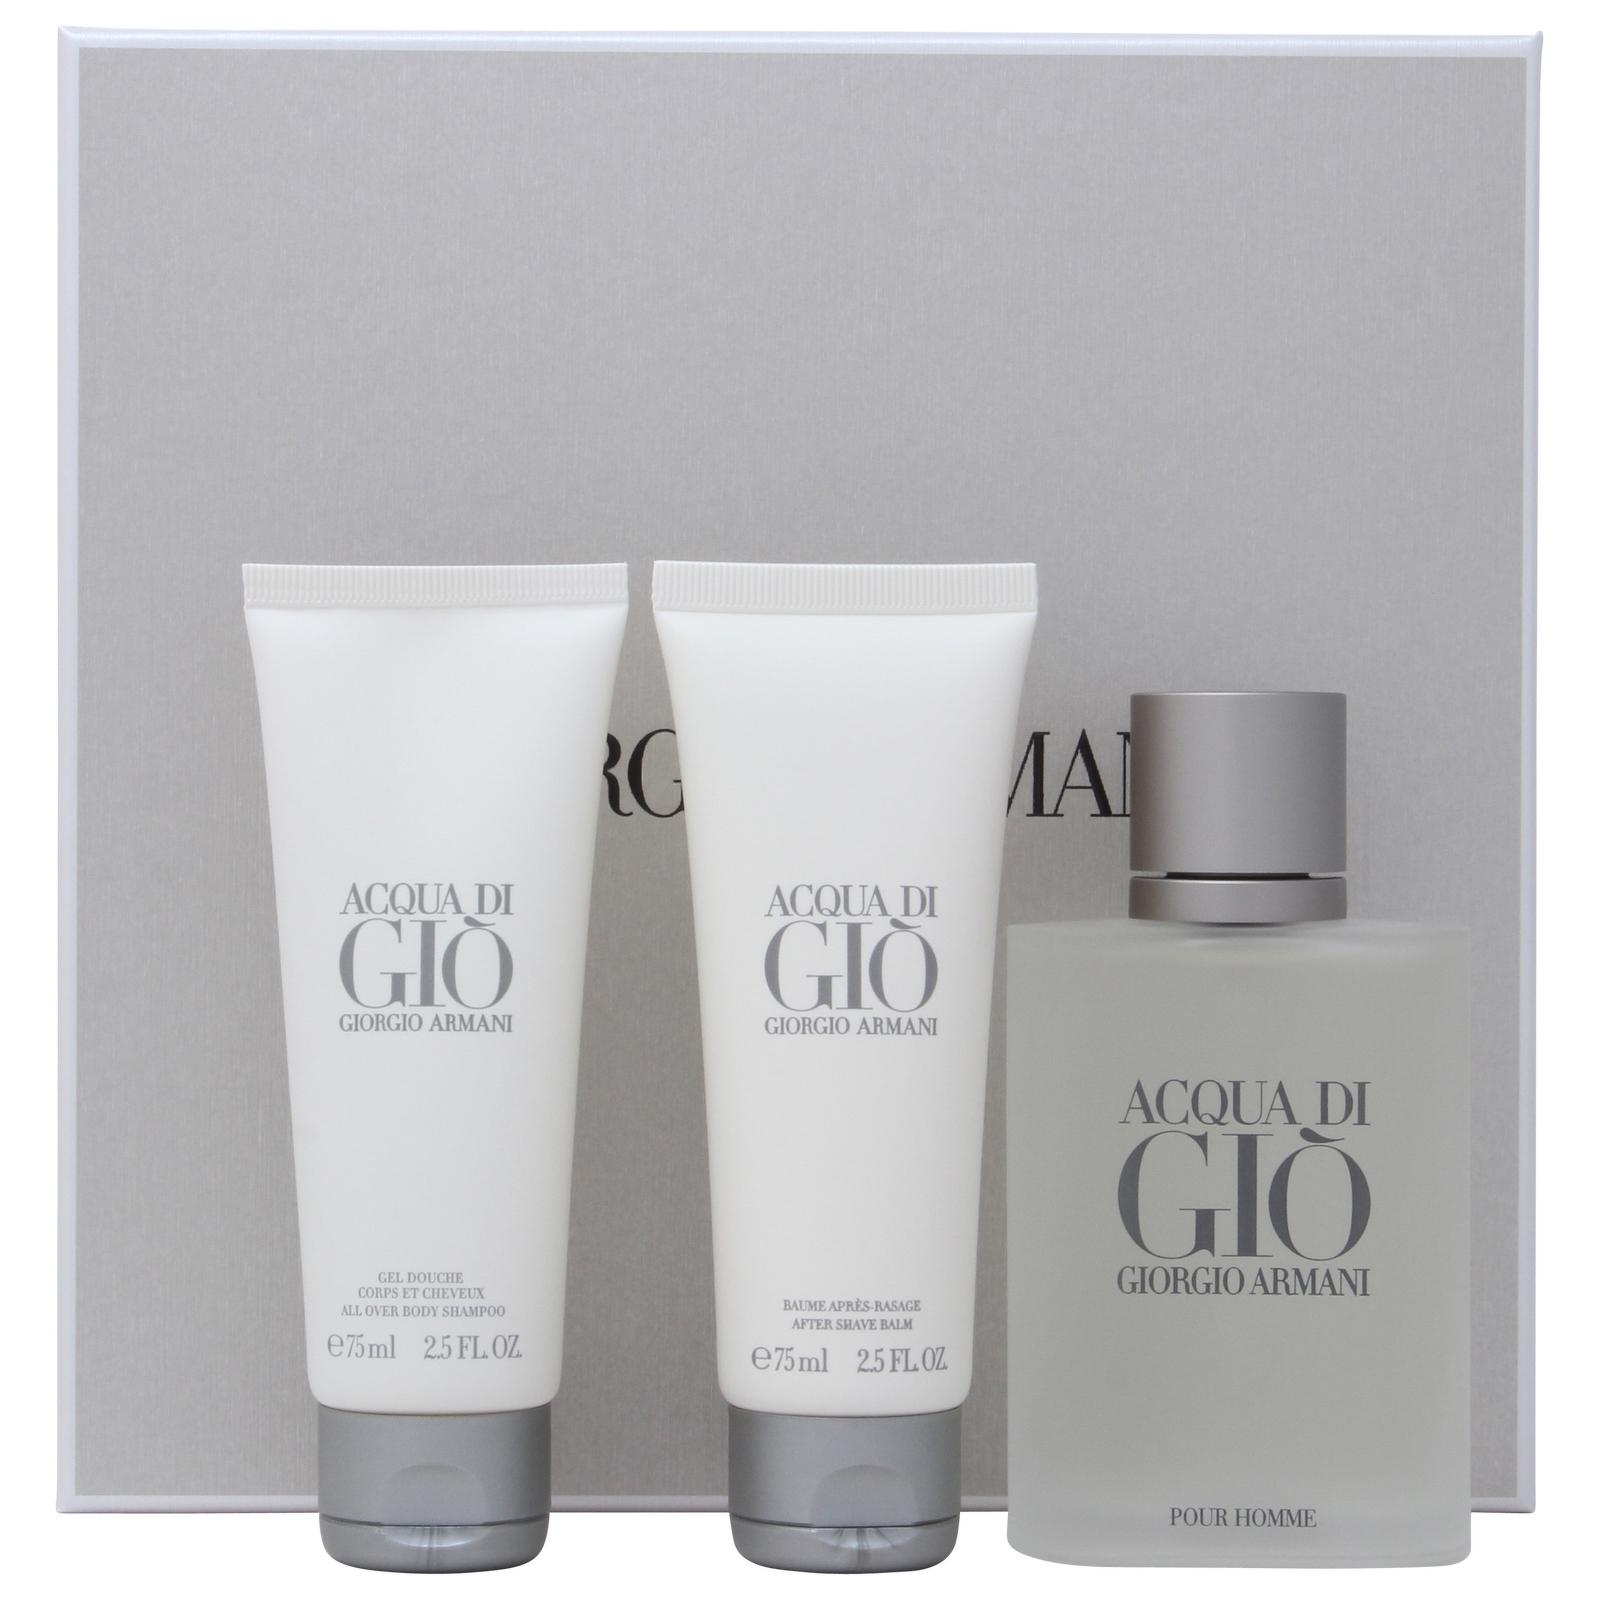 Acqua di Gio Man Gift Set